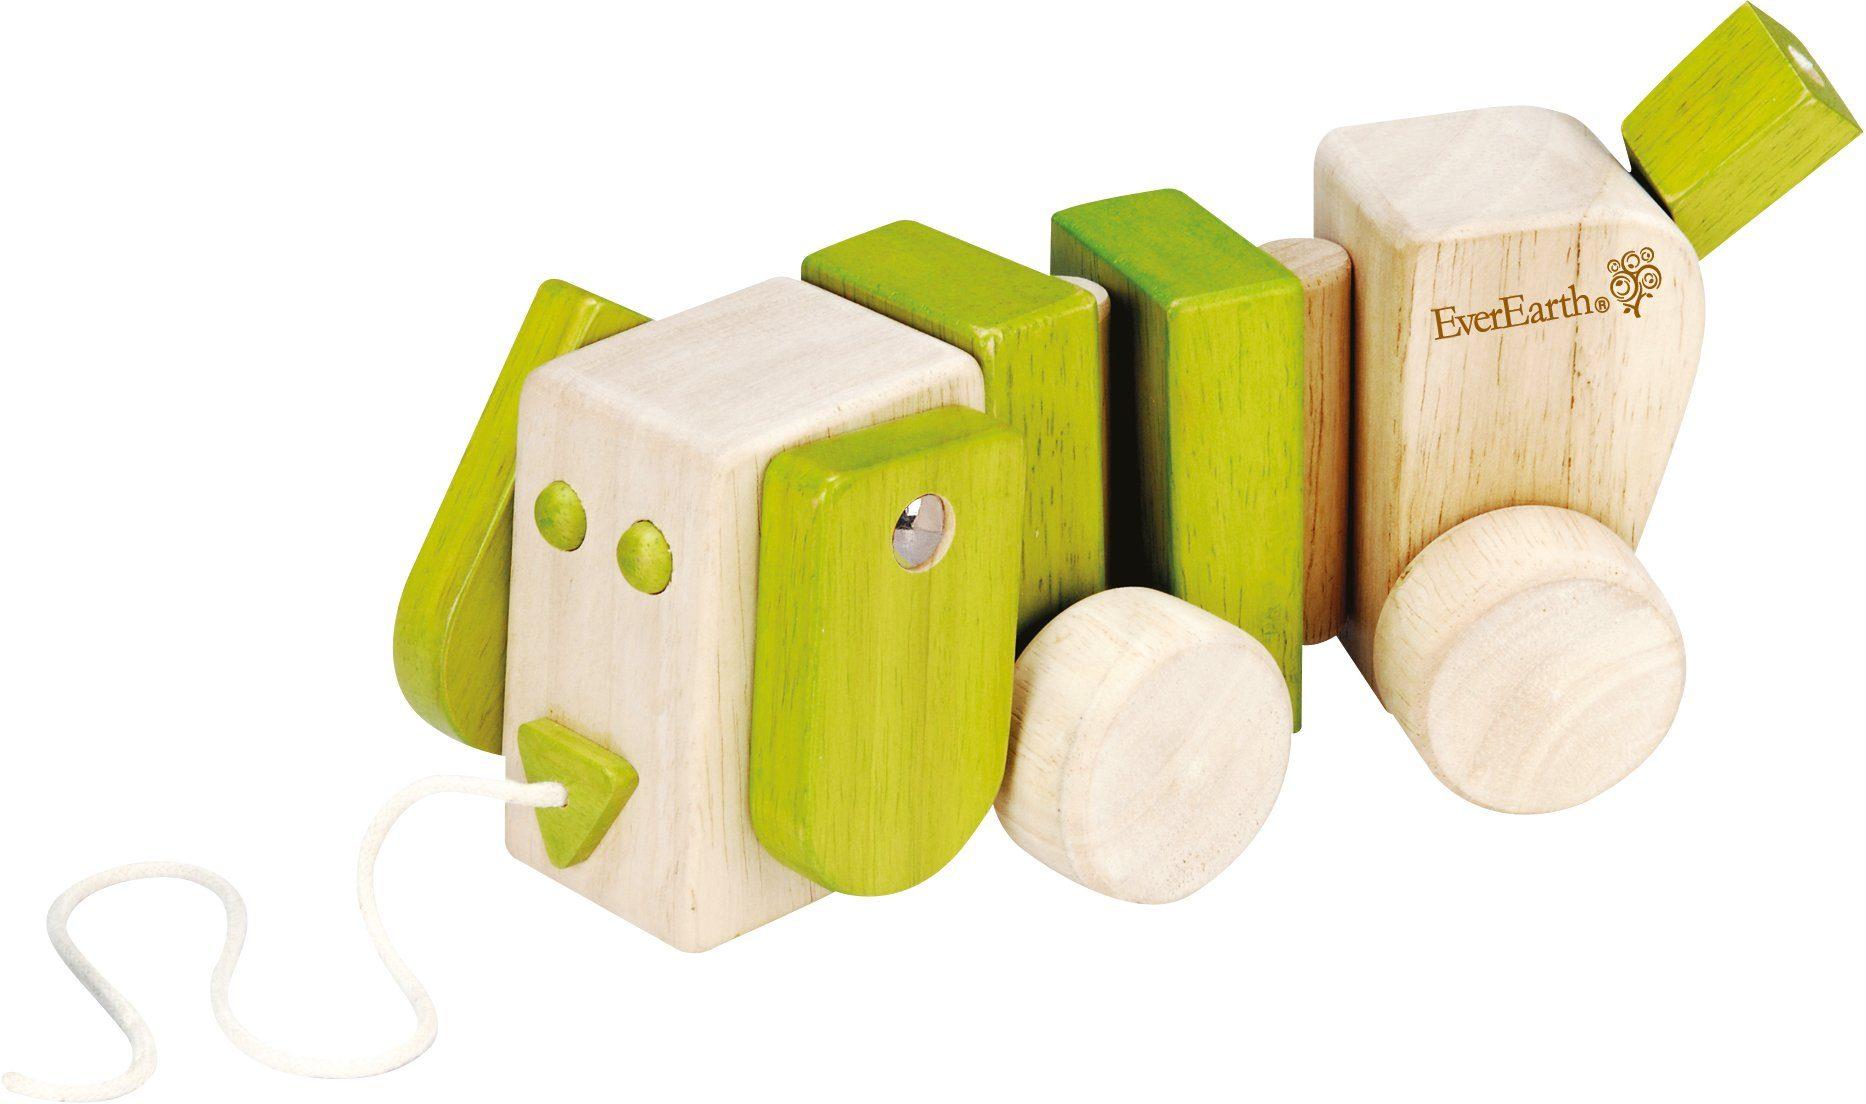 EverEarth® Holzspielzeug, »Nachzieh Hund«